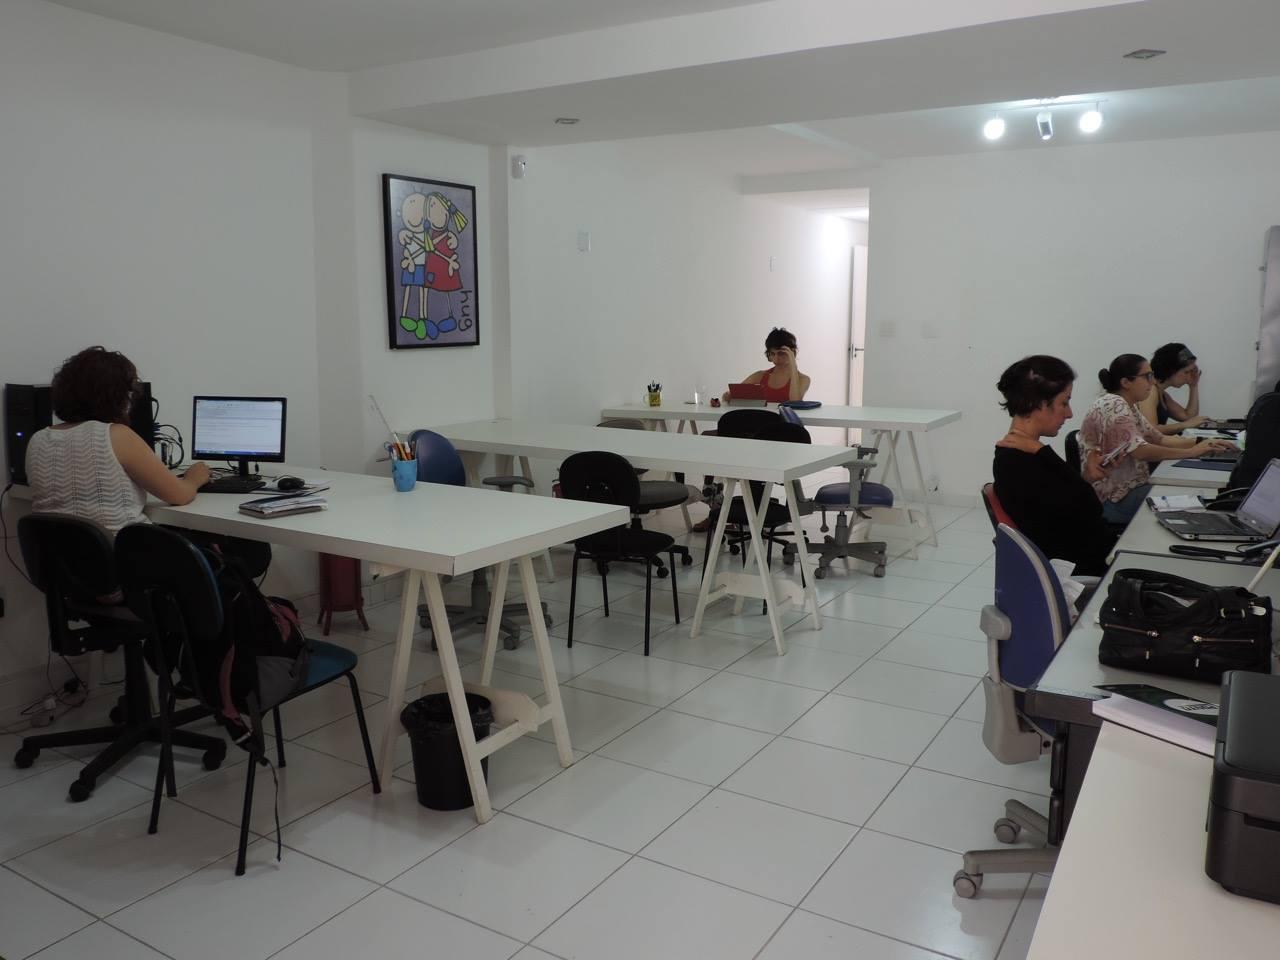 Coworking materno tem bancadas e cada profissional leva seu laptop (Foto: Divulgação)